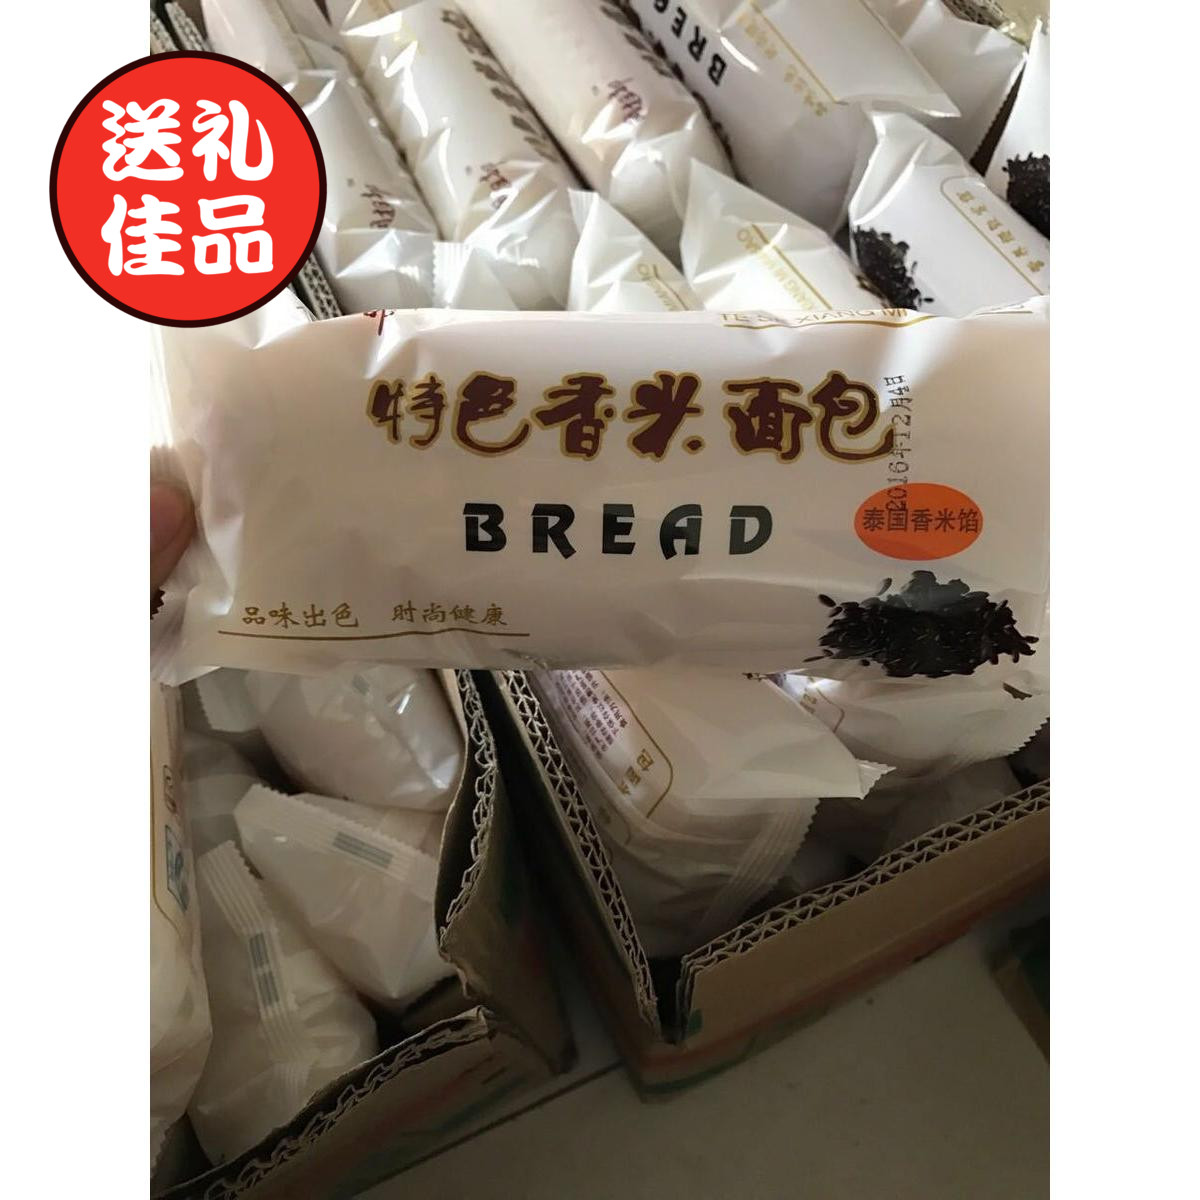 闽相都泰国香米夹心面包 黑米紫米奶油沙拉夹心软面包110g/个糕点